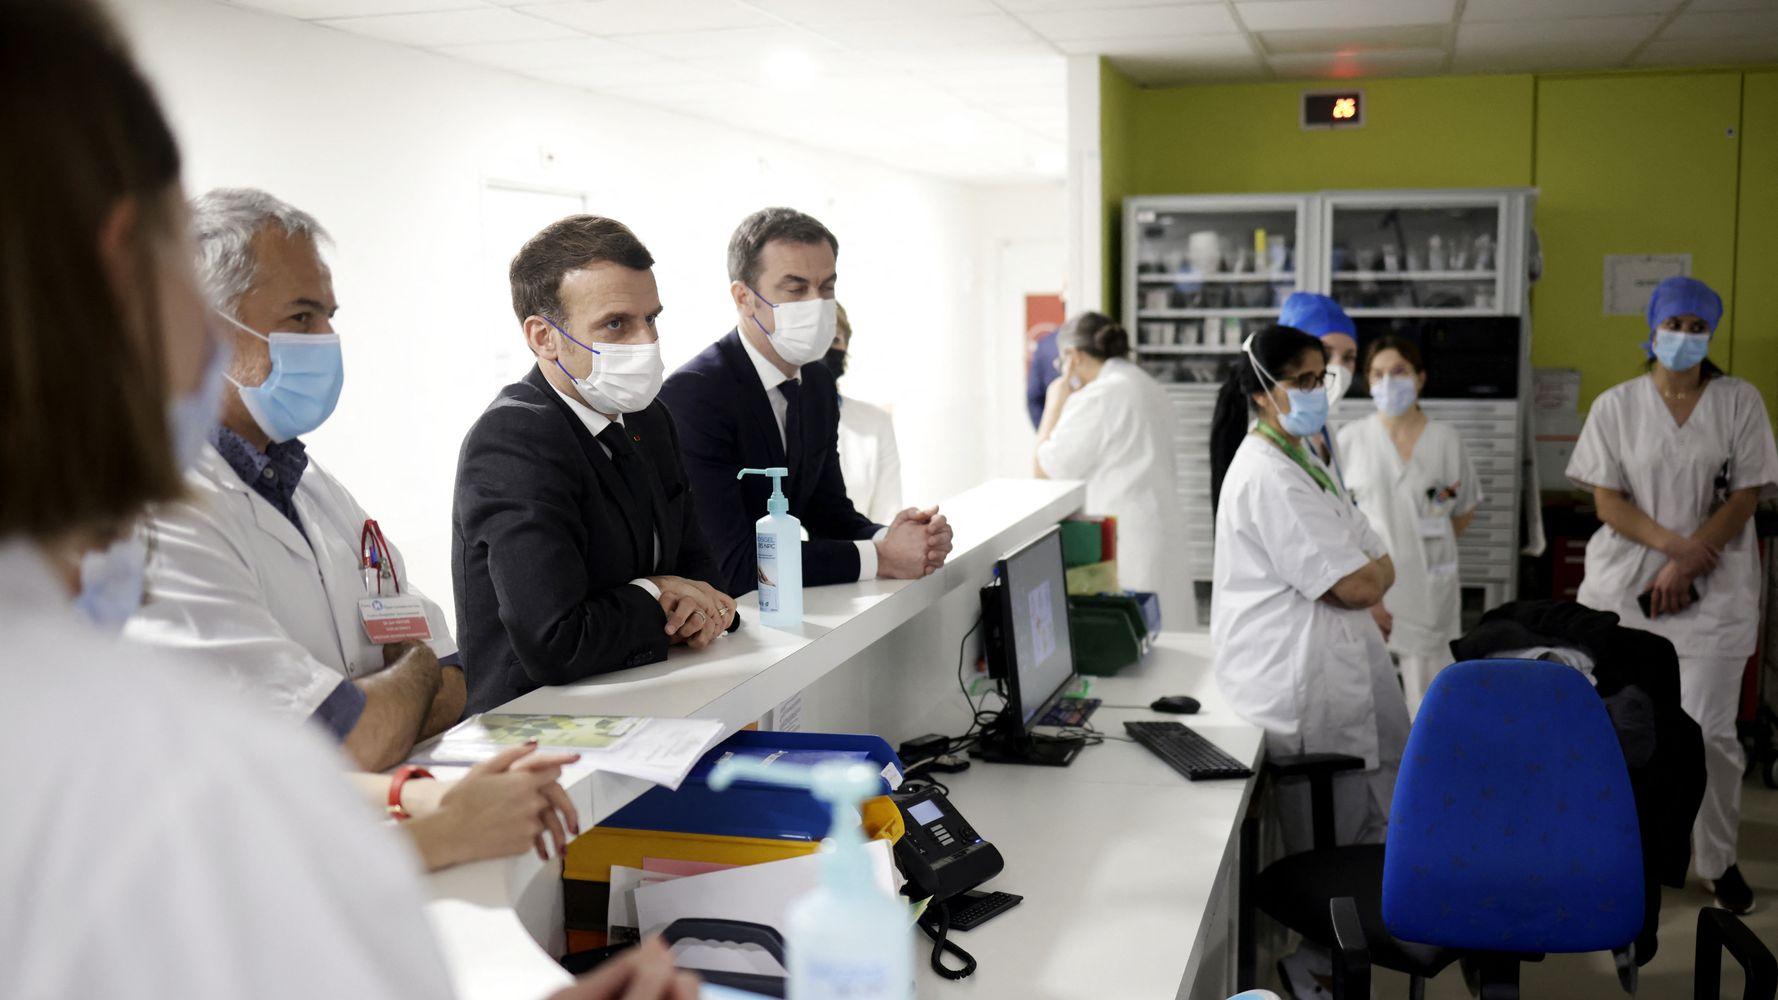 Des soignants à Poissy ont-ils vraiment tourné le dos à Macron?